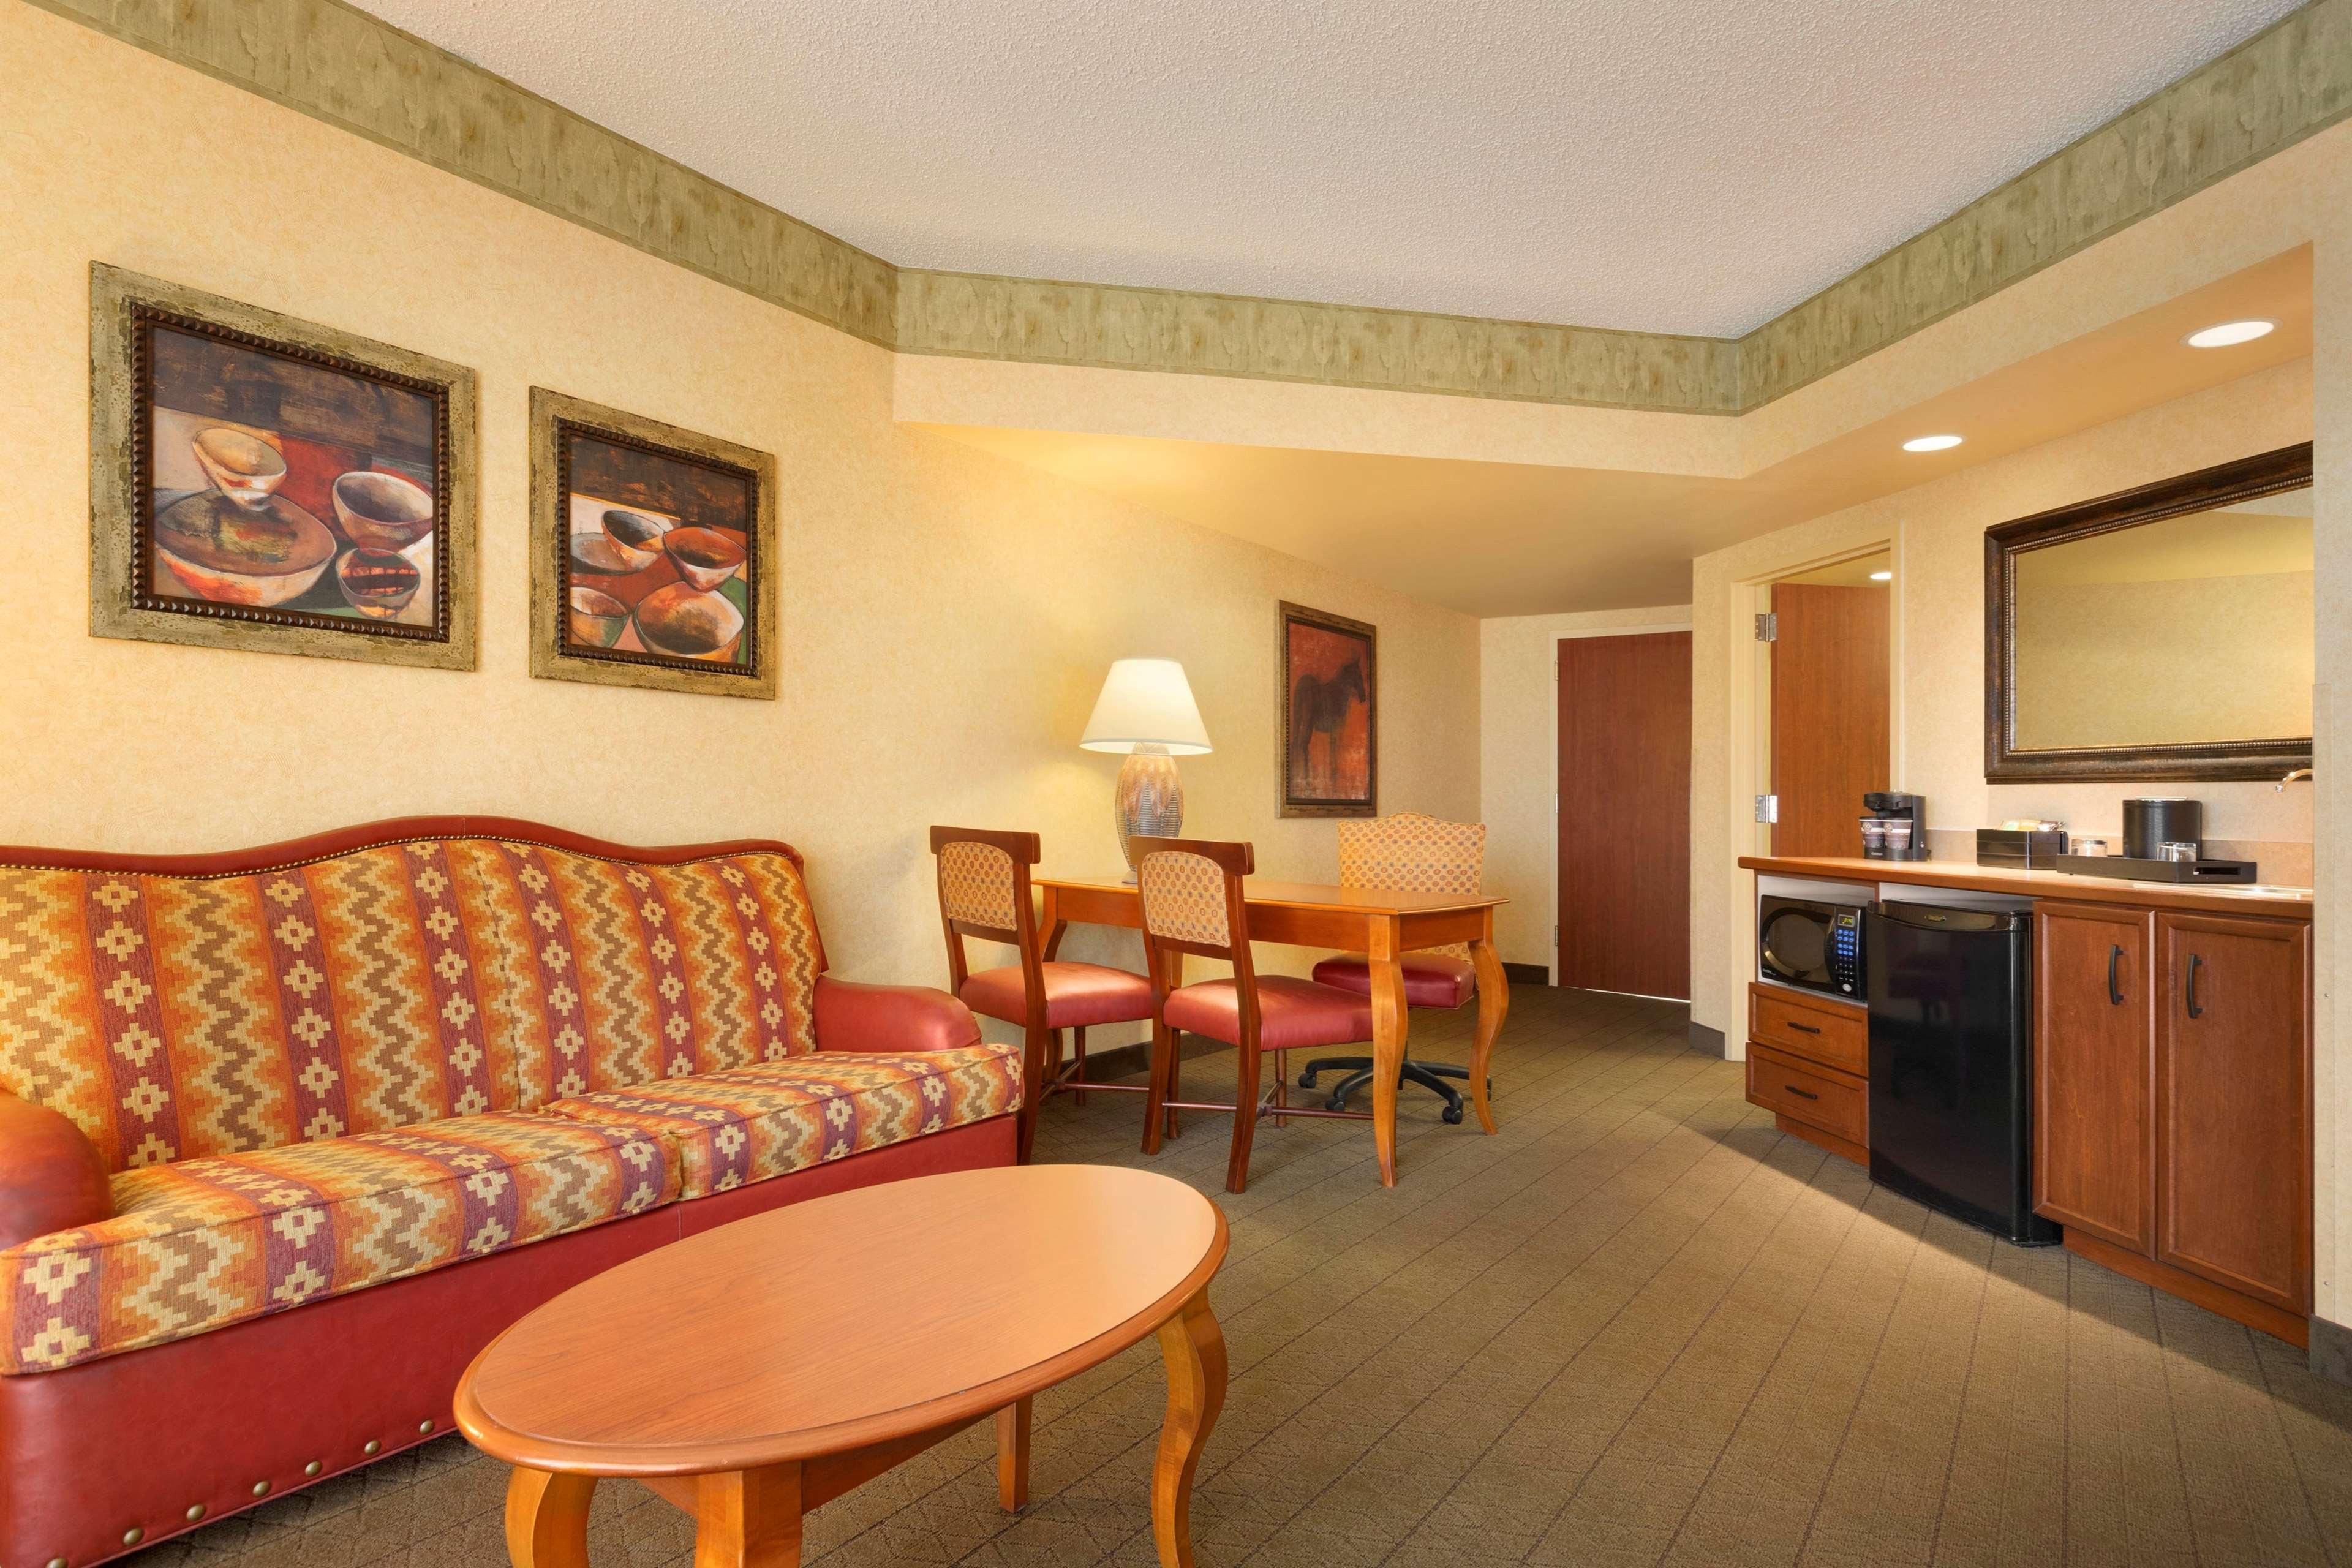 Bedroom Hotel Suites In Albuquerque Nm